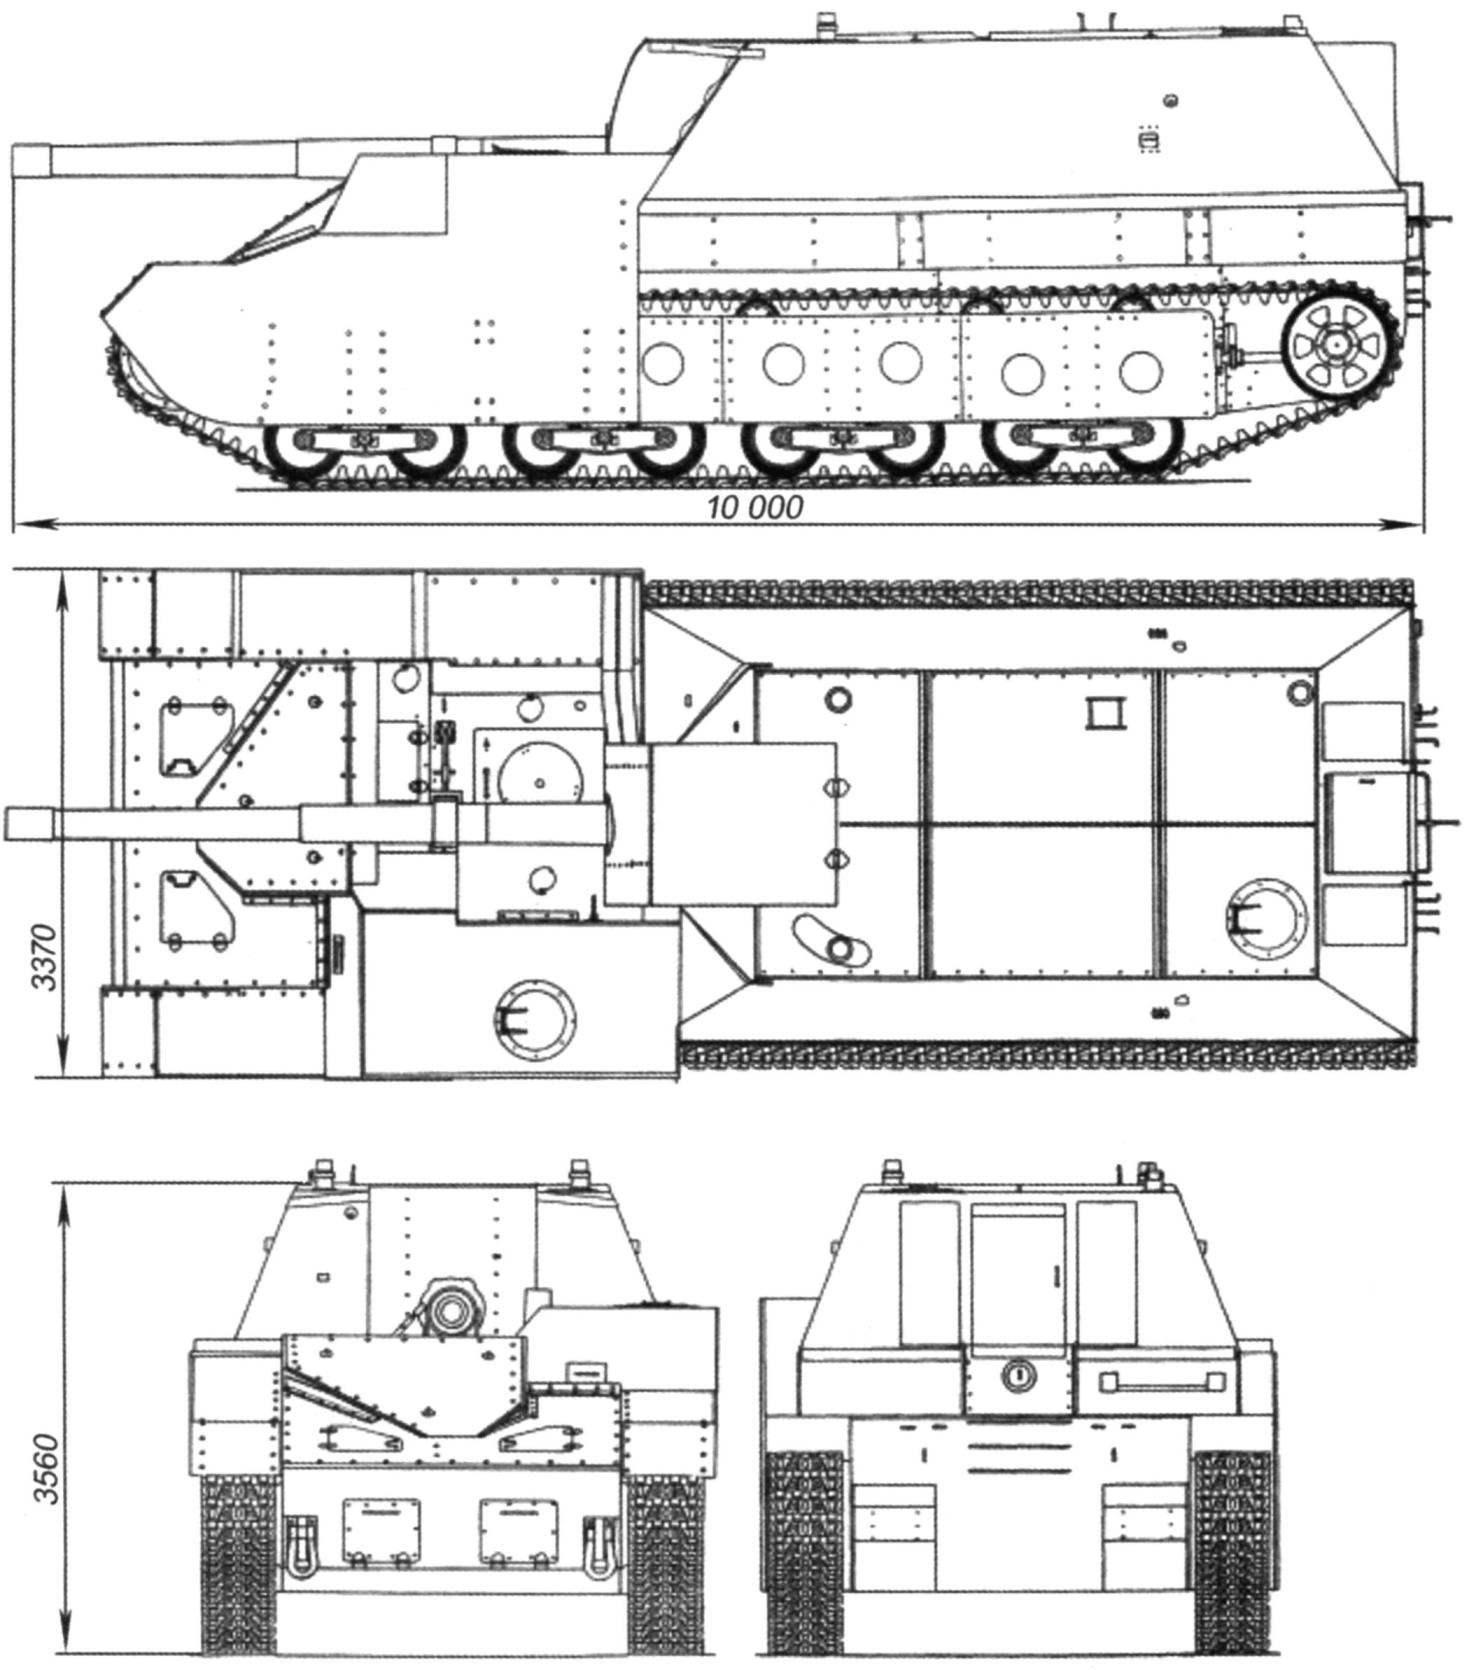 СУ-14Бр-2 с бронированной рубкой